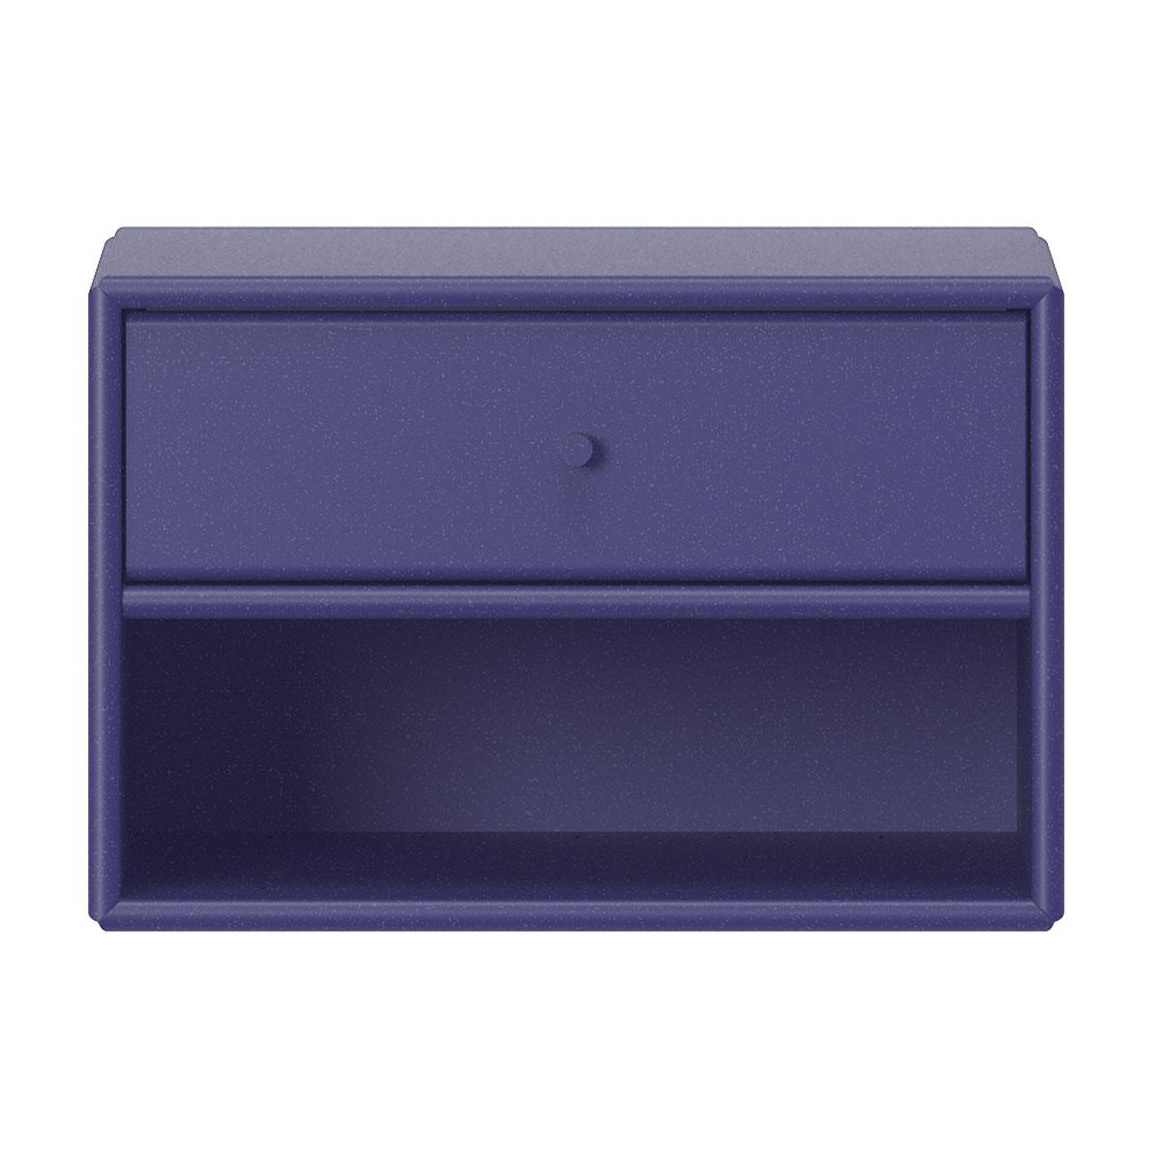 Montana - Dash Nachttisch - monarch 135/lackiert/BxHxT 35|4x24x30cm | Schlafzimmer > Nachttische | Monarch 135 | Mdf platte | Montana